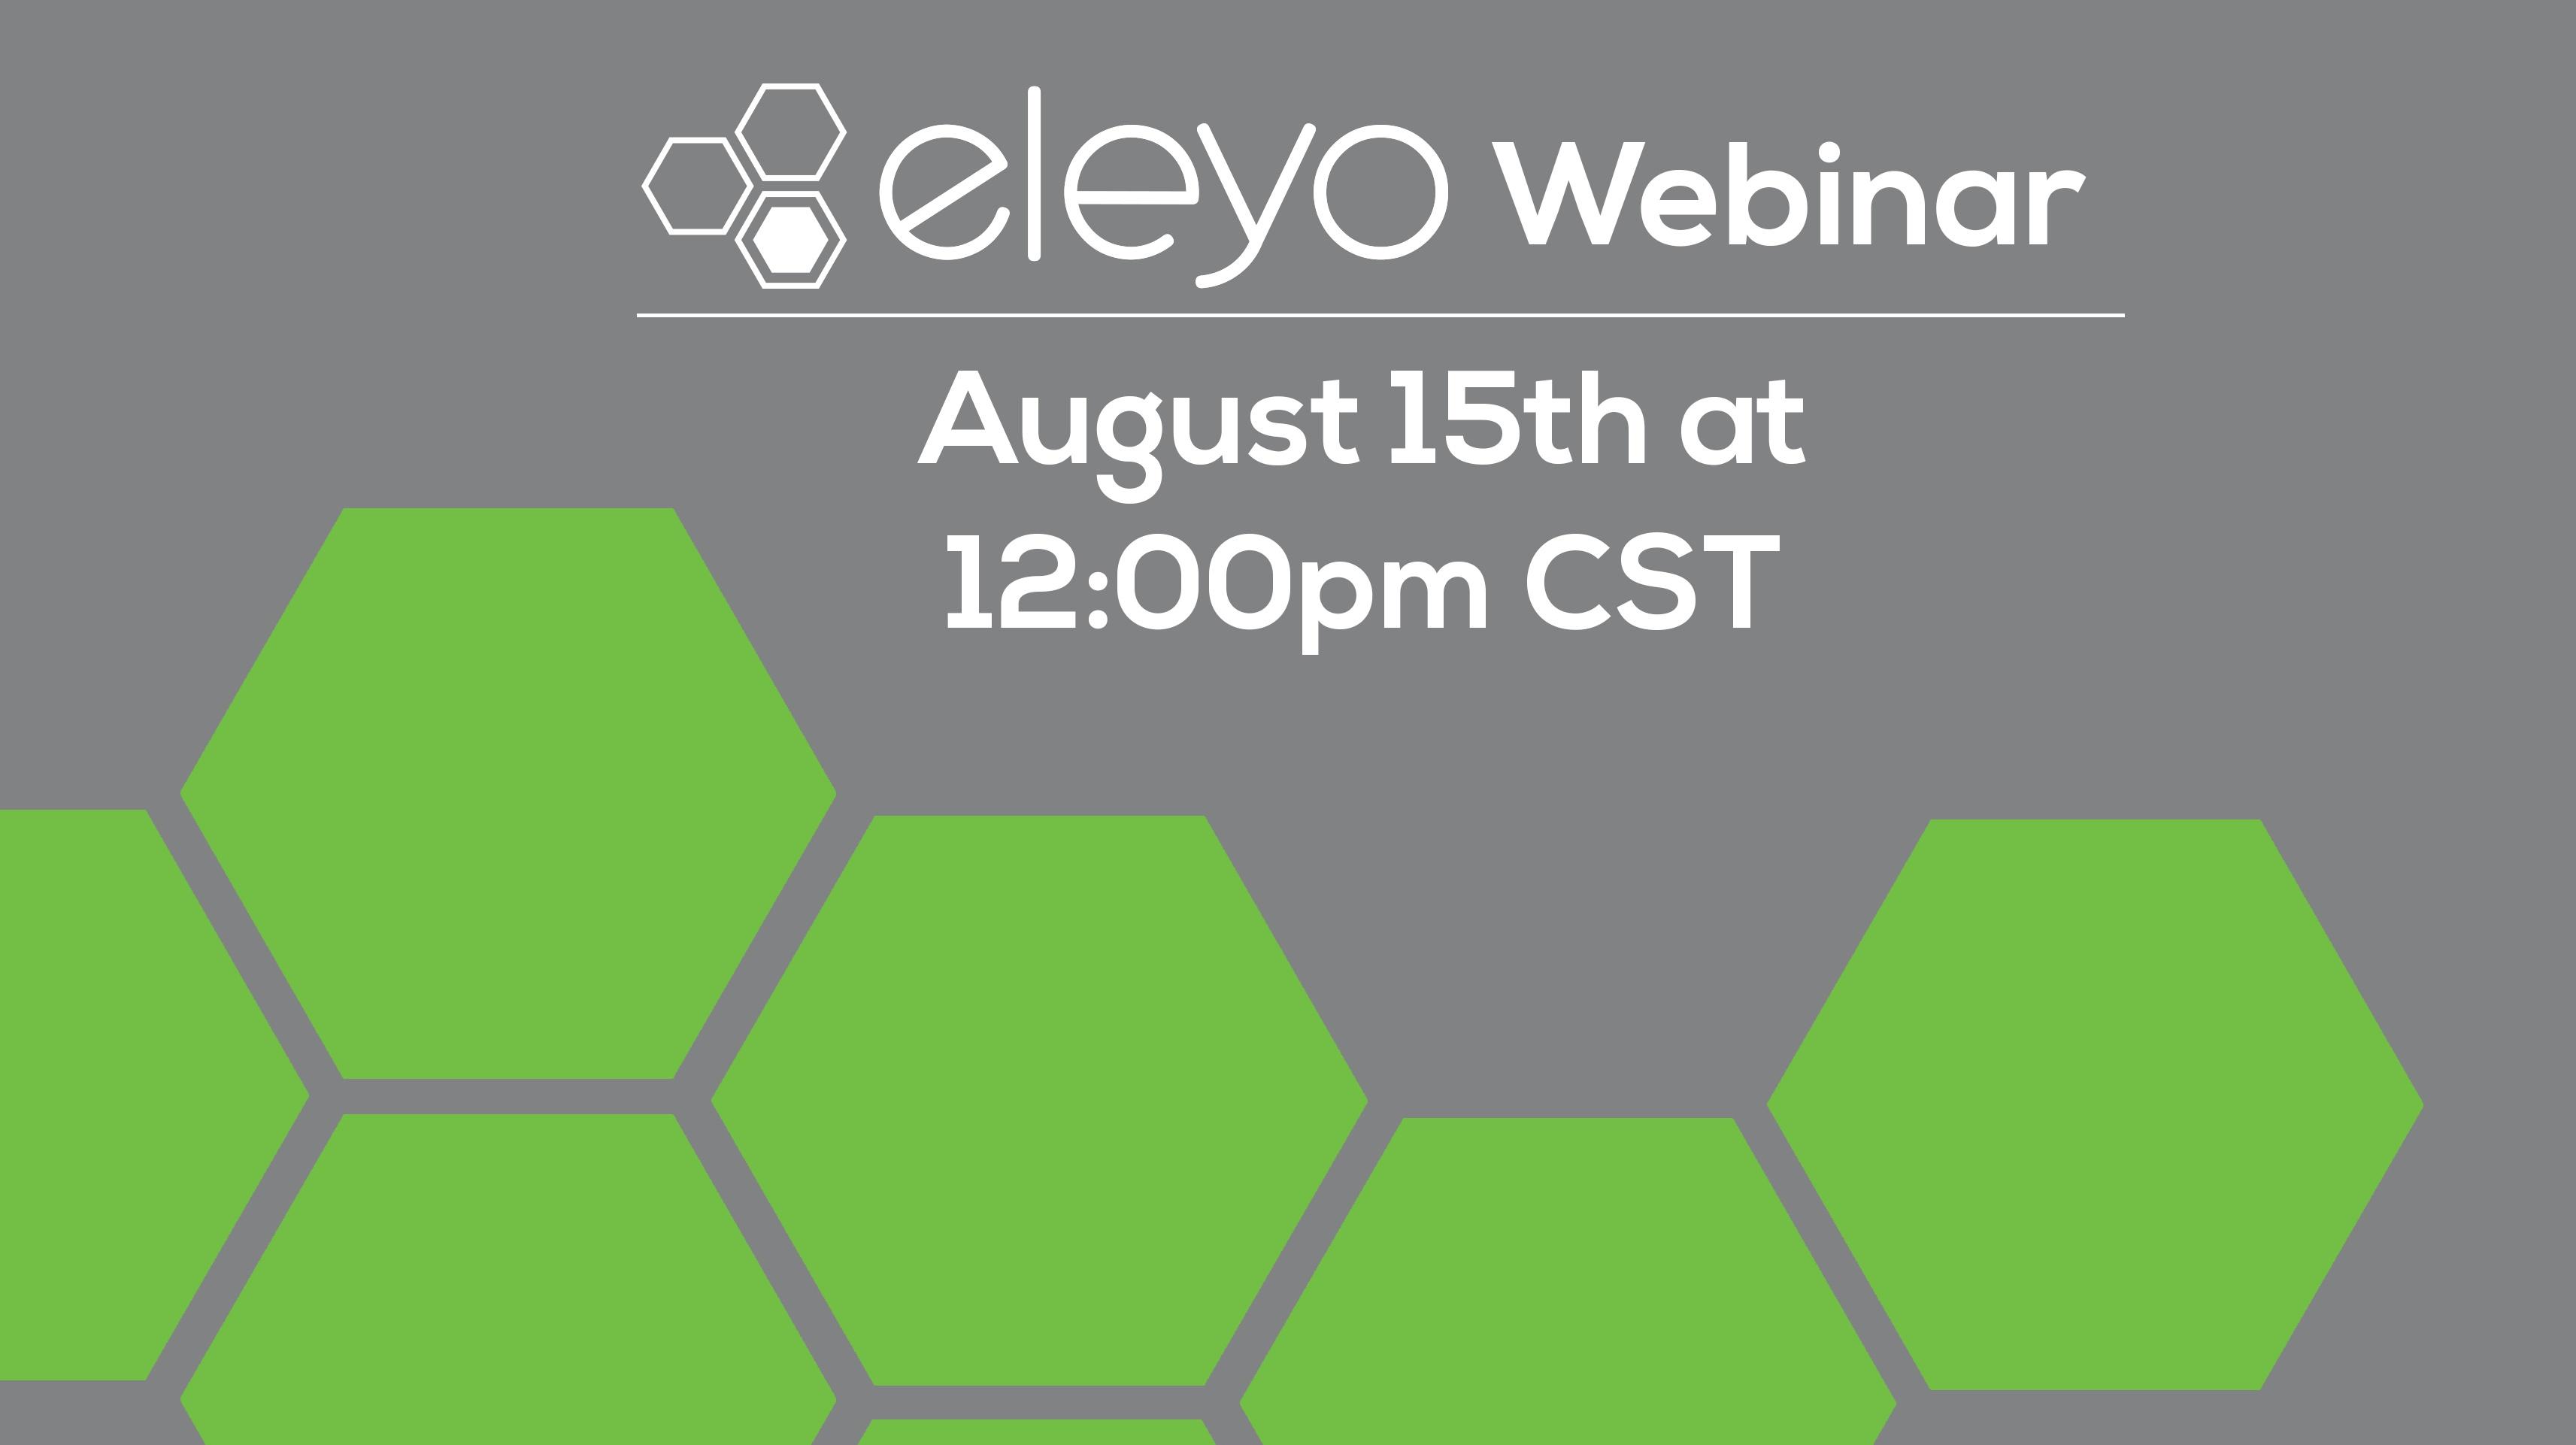 Eleyo: Simplify Program Management August 15th Webinar